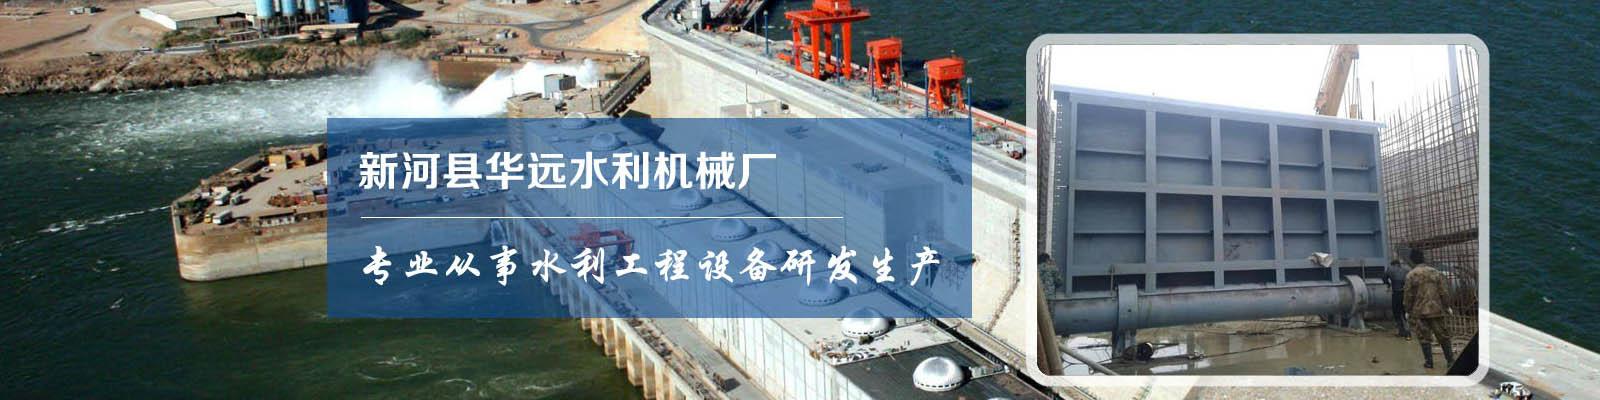 新河县华远水利机械厂